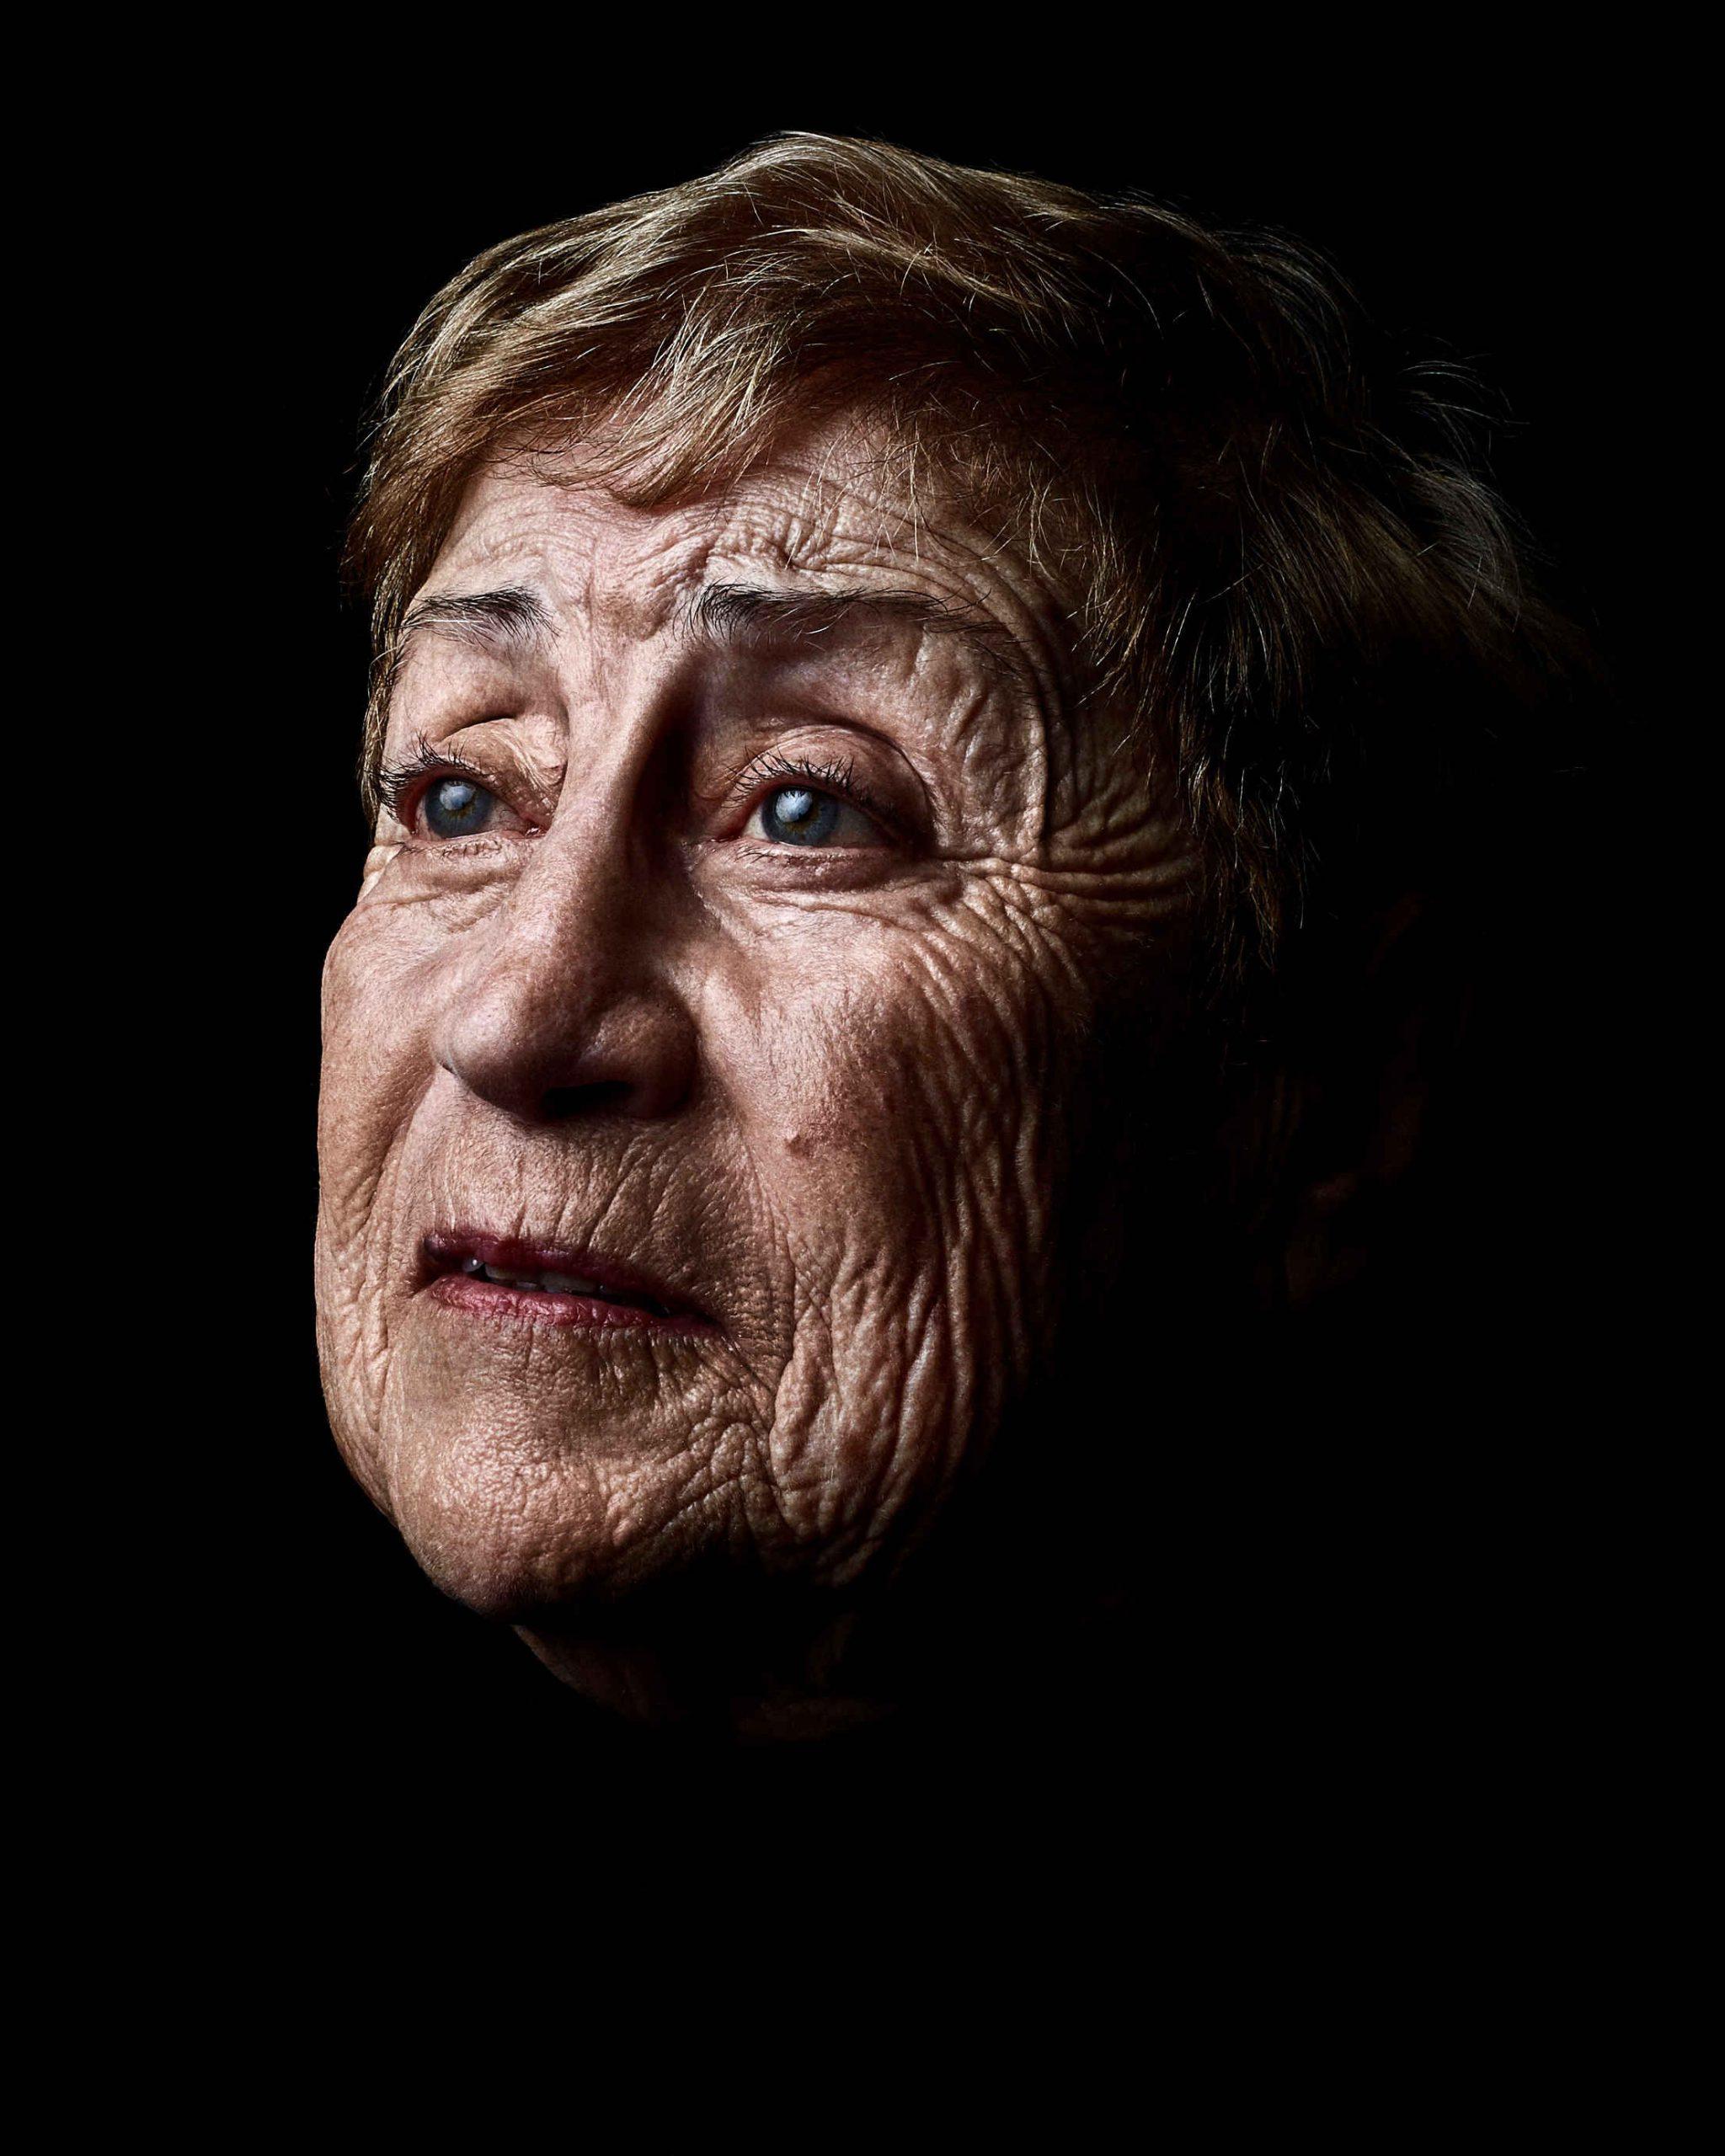 Photo de Marie Vaislic, série Les Survivants par Rudy Waks jewpop